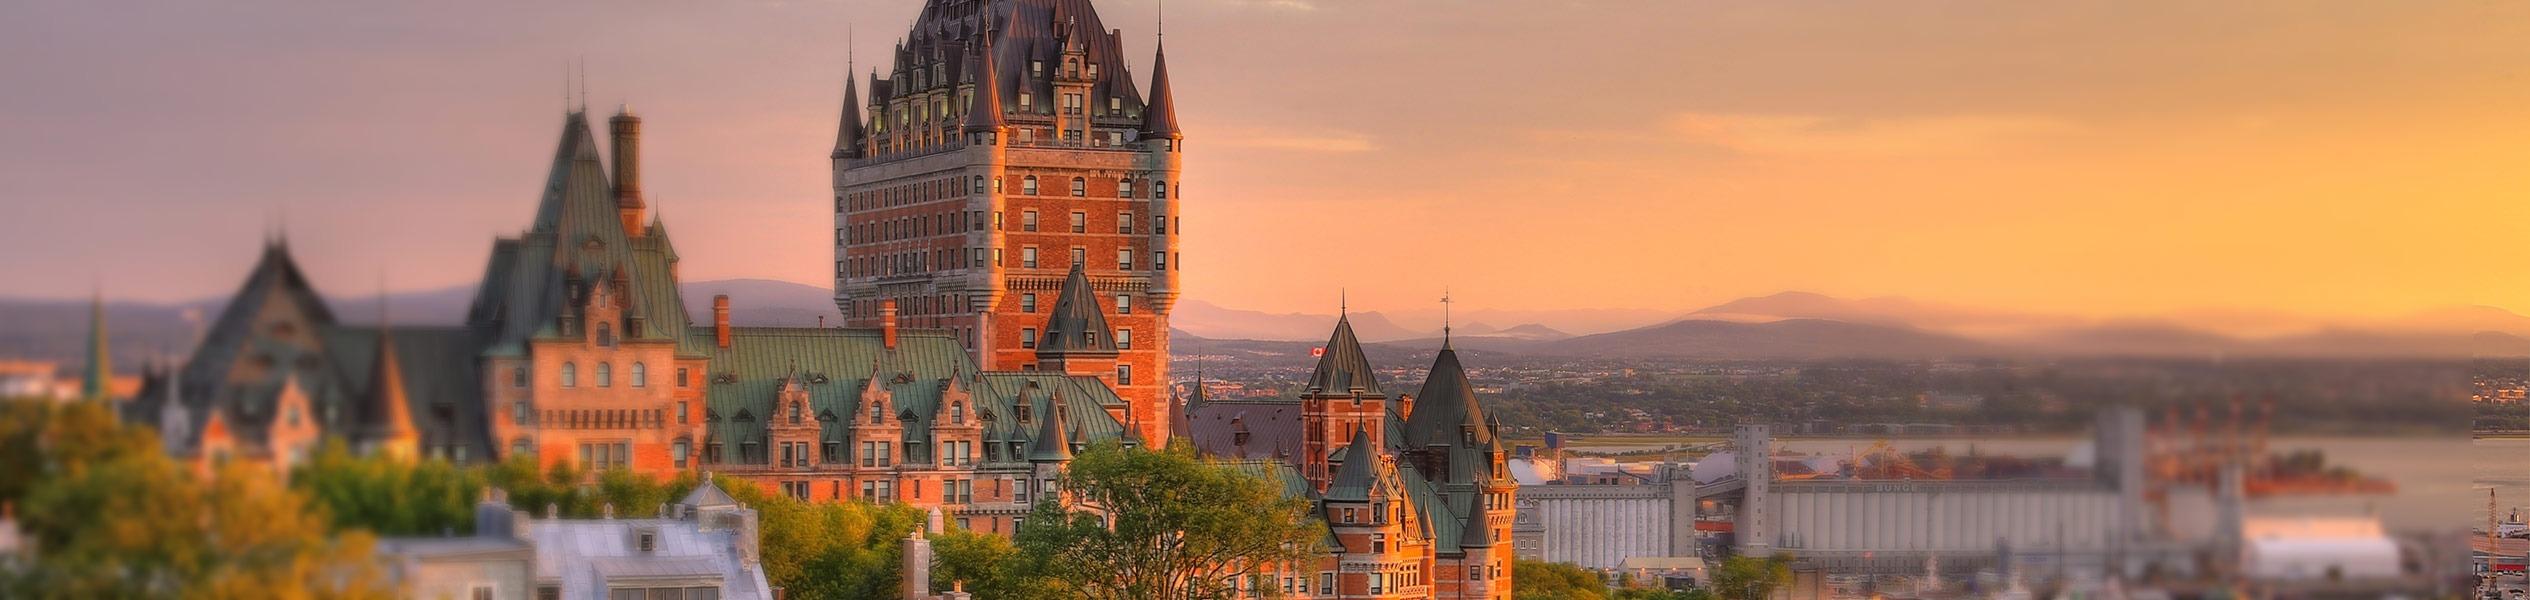 Aliquando site web immobilier vue sur la ville de Québec